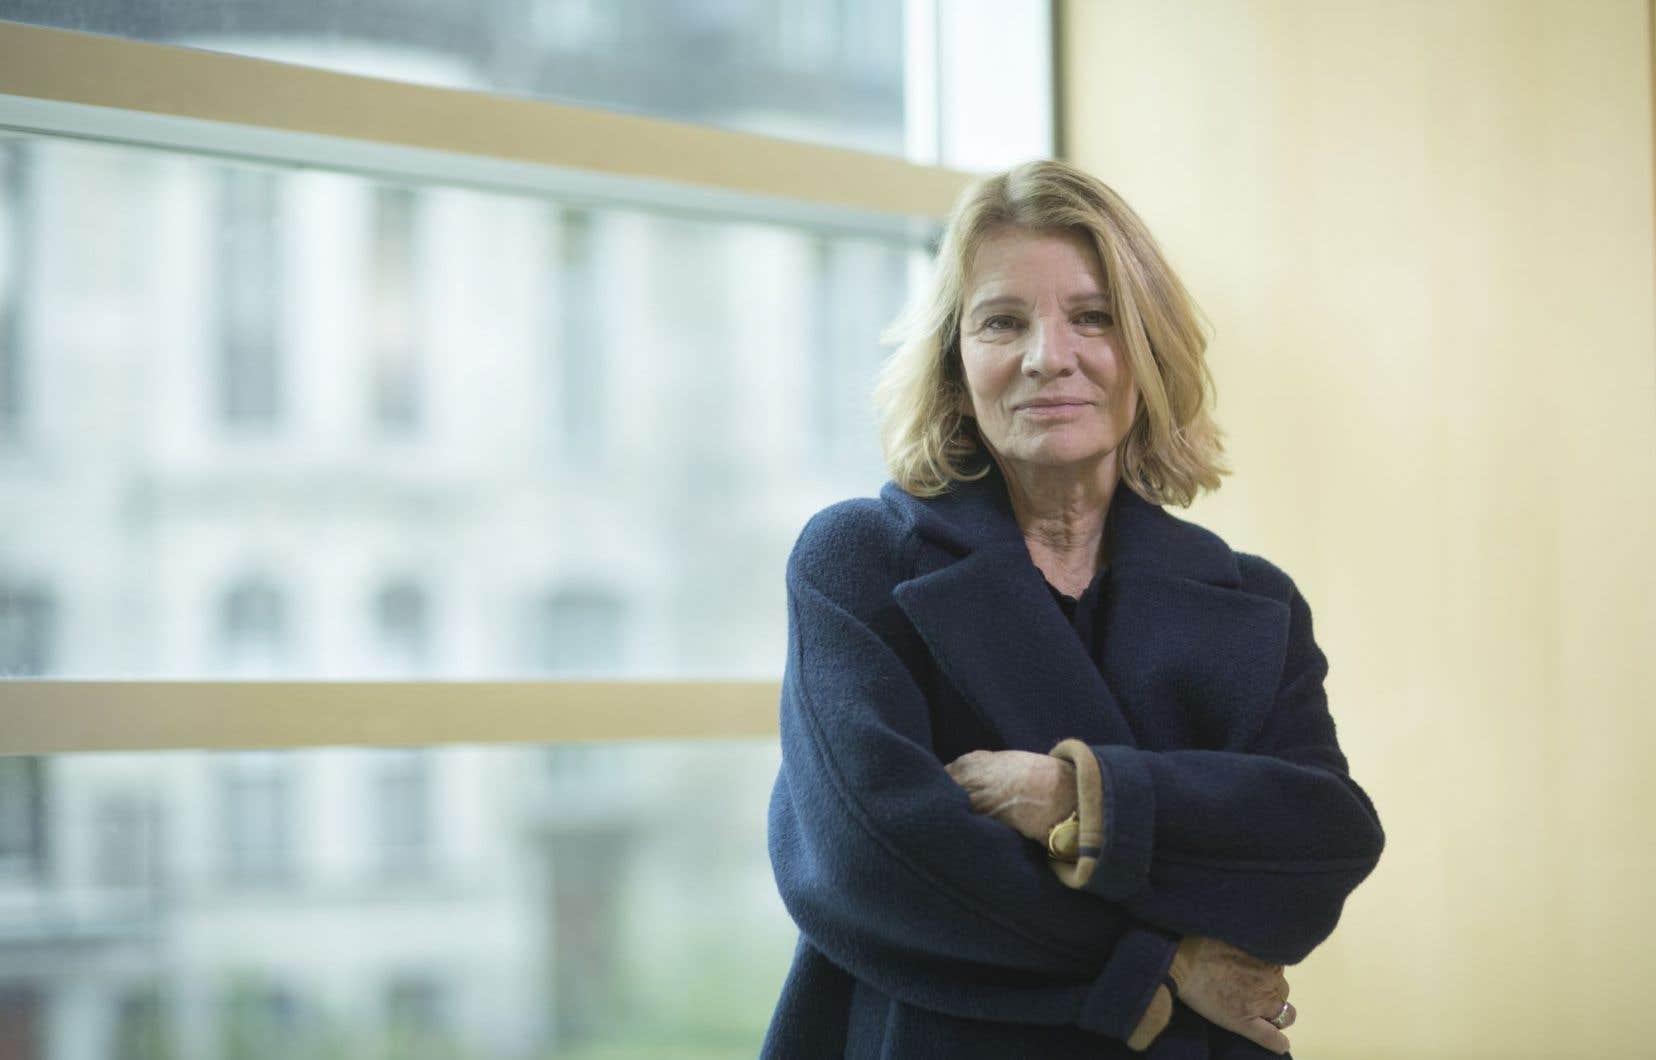 L'actrice, réalisatrice et scénariste française Nicole Garcia est de passage à Montréal, où Cinemania lui rend hommage.